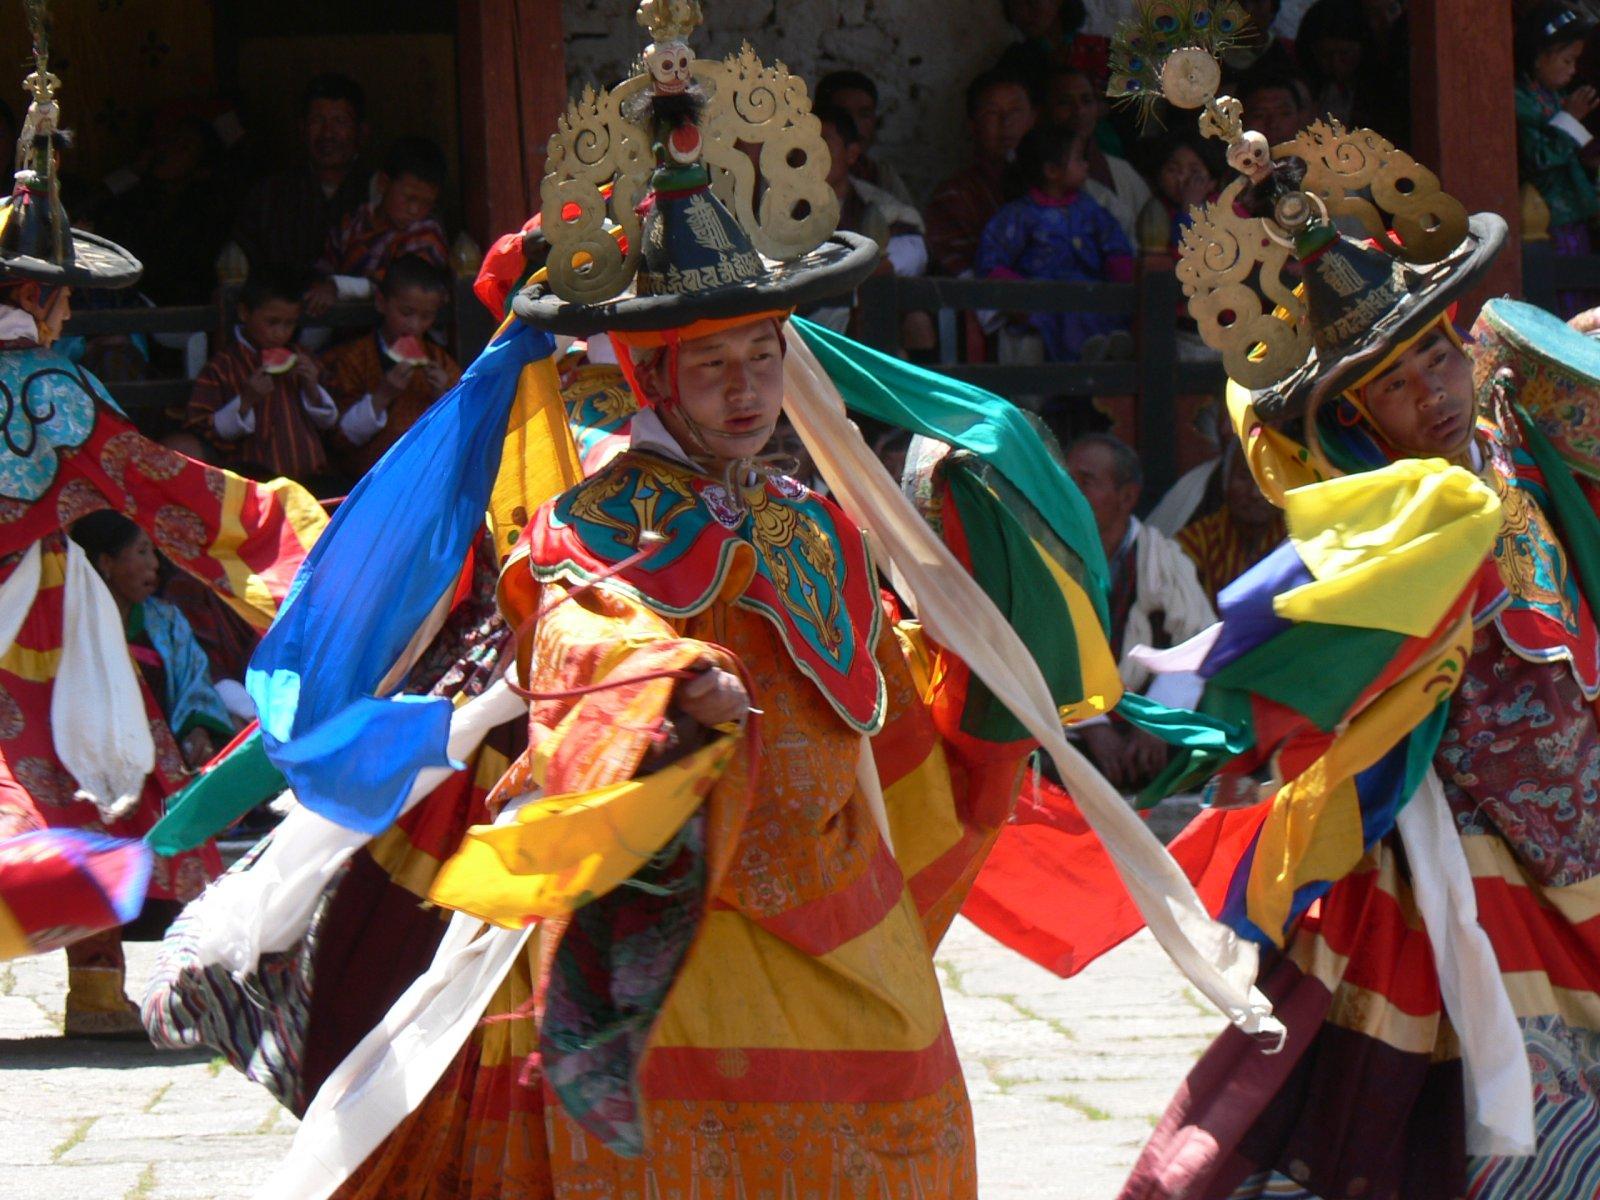 Фестиваль «Тамшинг Фала Чхоепа» (Tamshing Phala Chhoepa) в Бутане